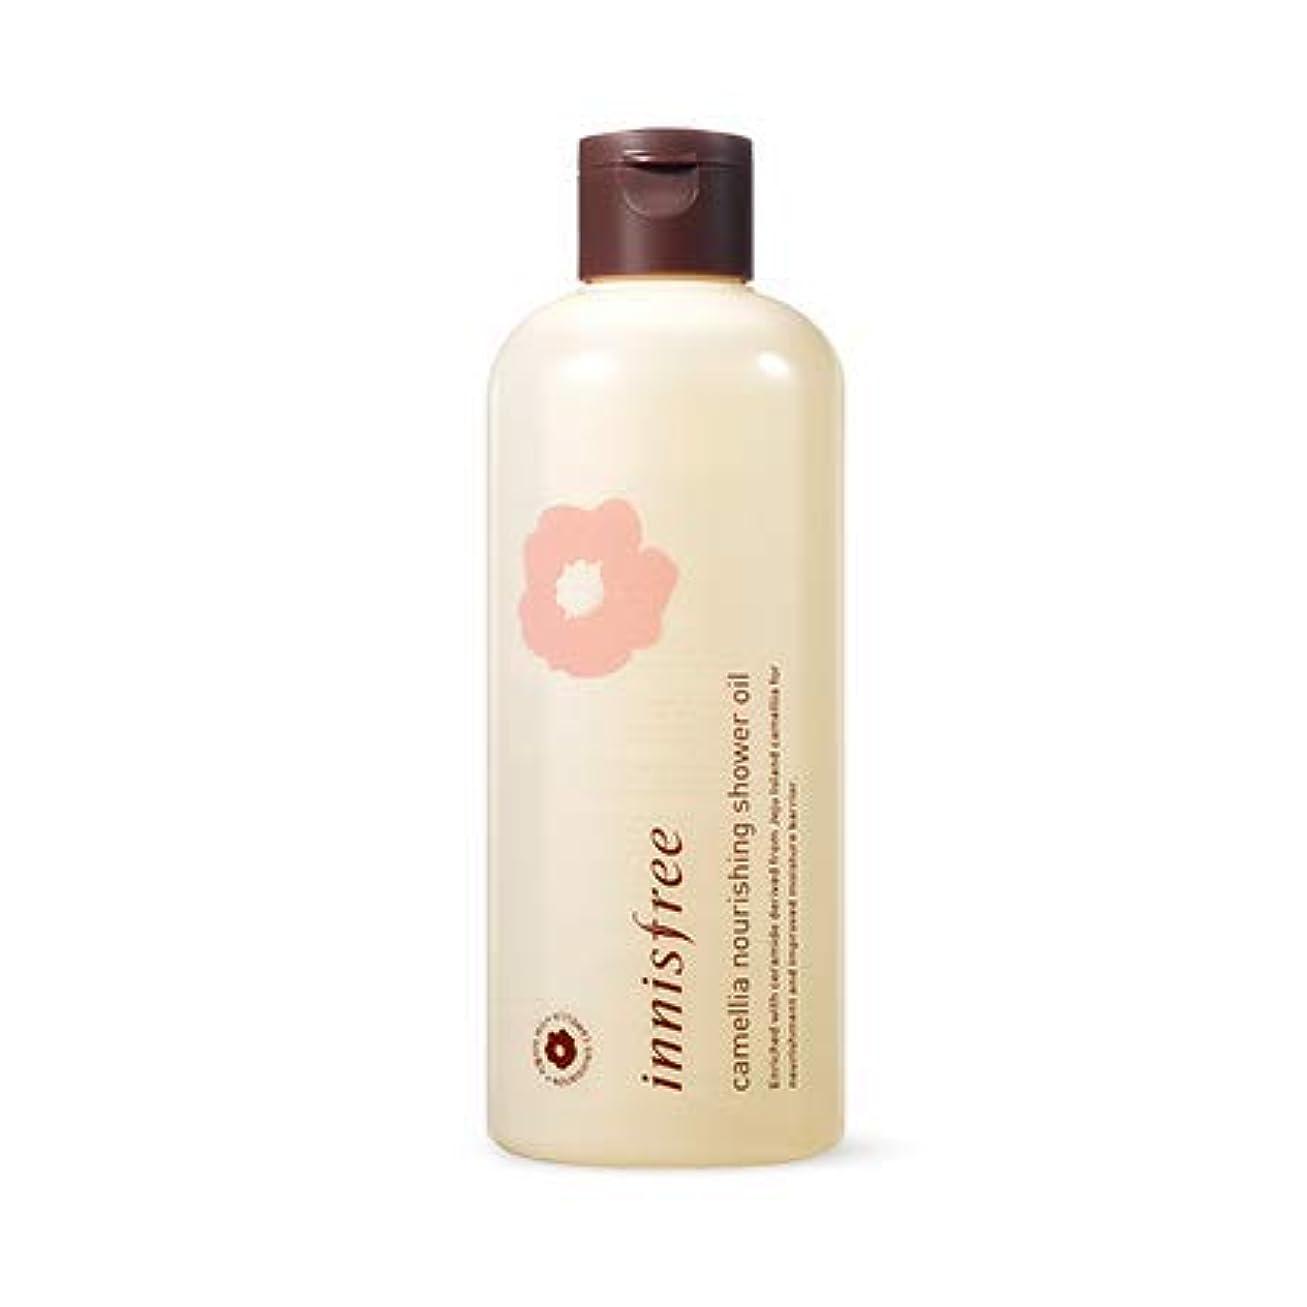 フェザープレフィックス協会[イニスフリー.innisfree]カメリアナリーシンシャワーオイル300mL/ Camellia Nourishing Shower Oil